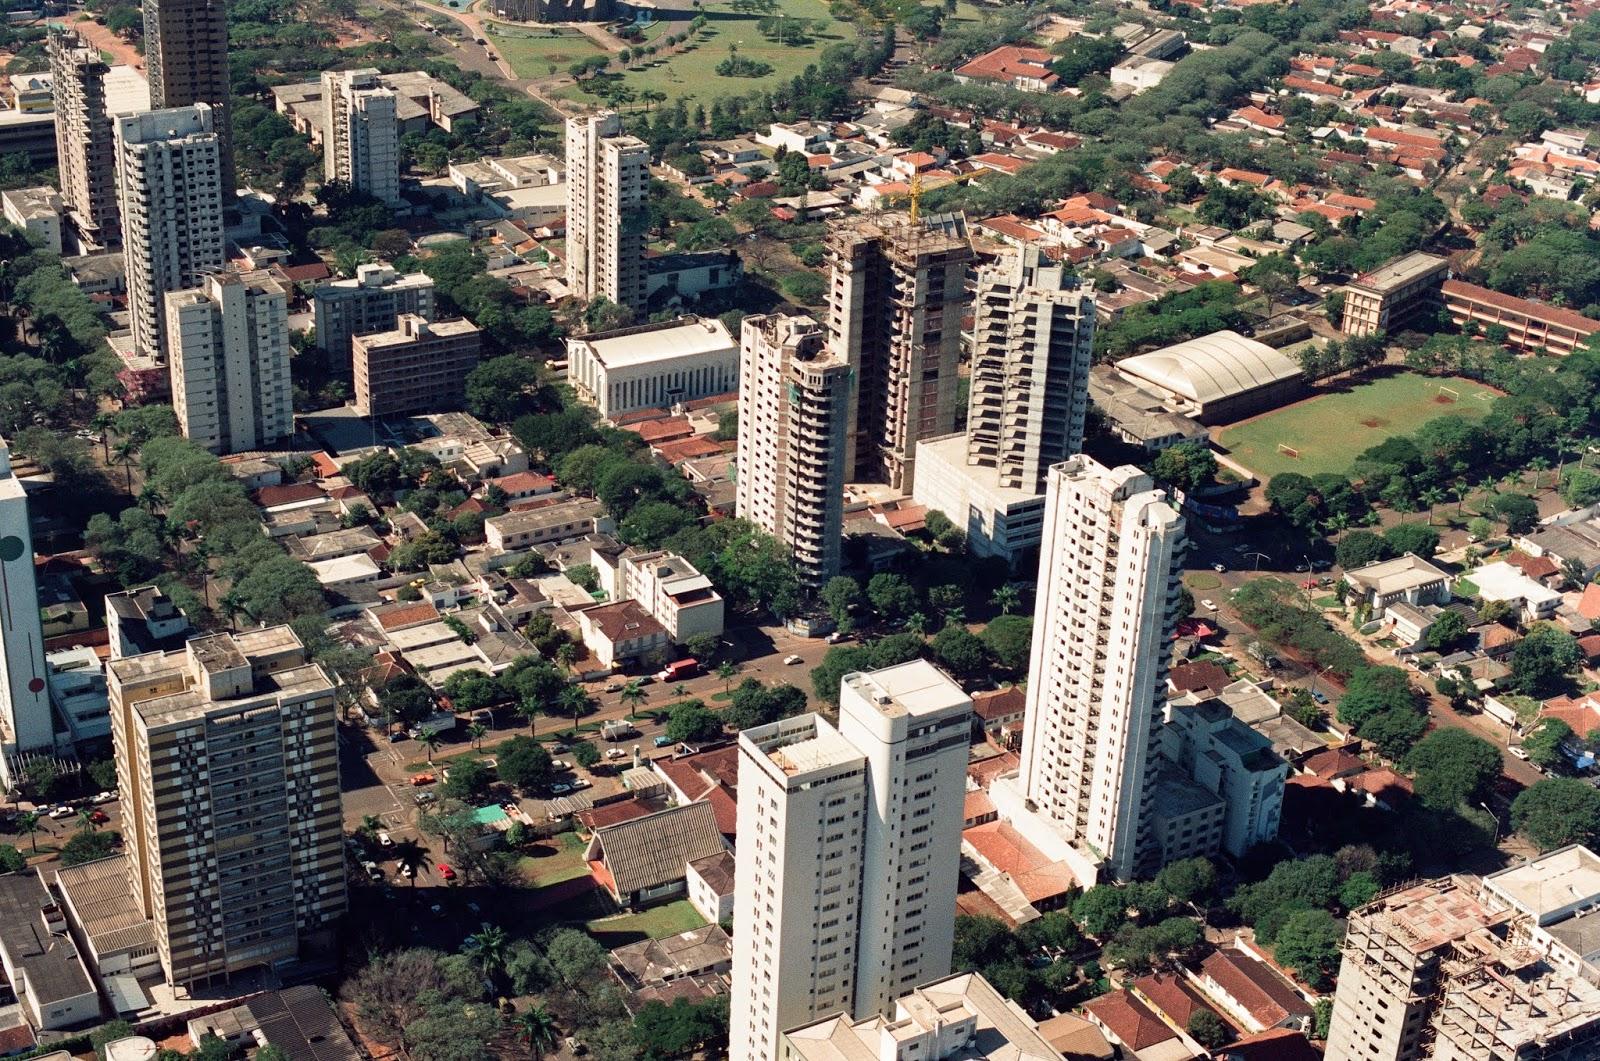 Vista aérea do Centro - 1989